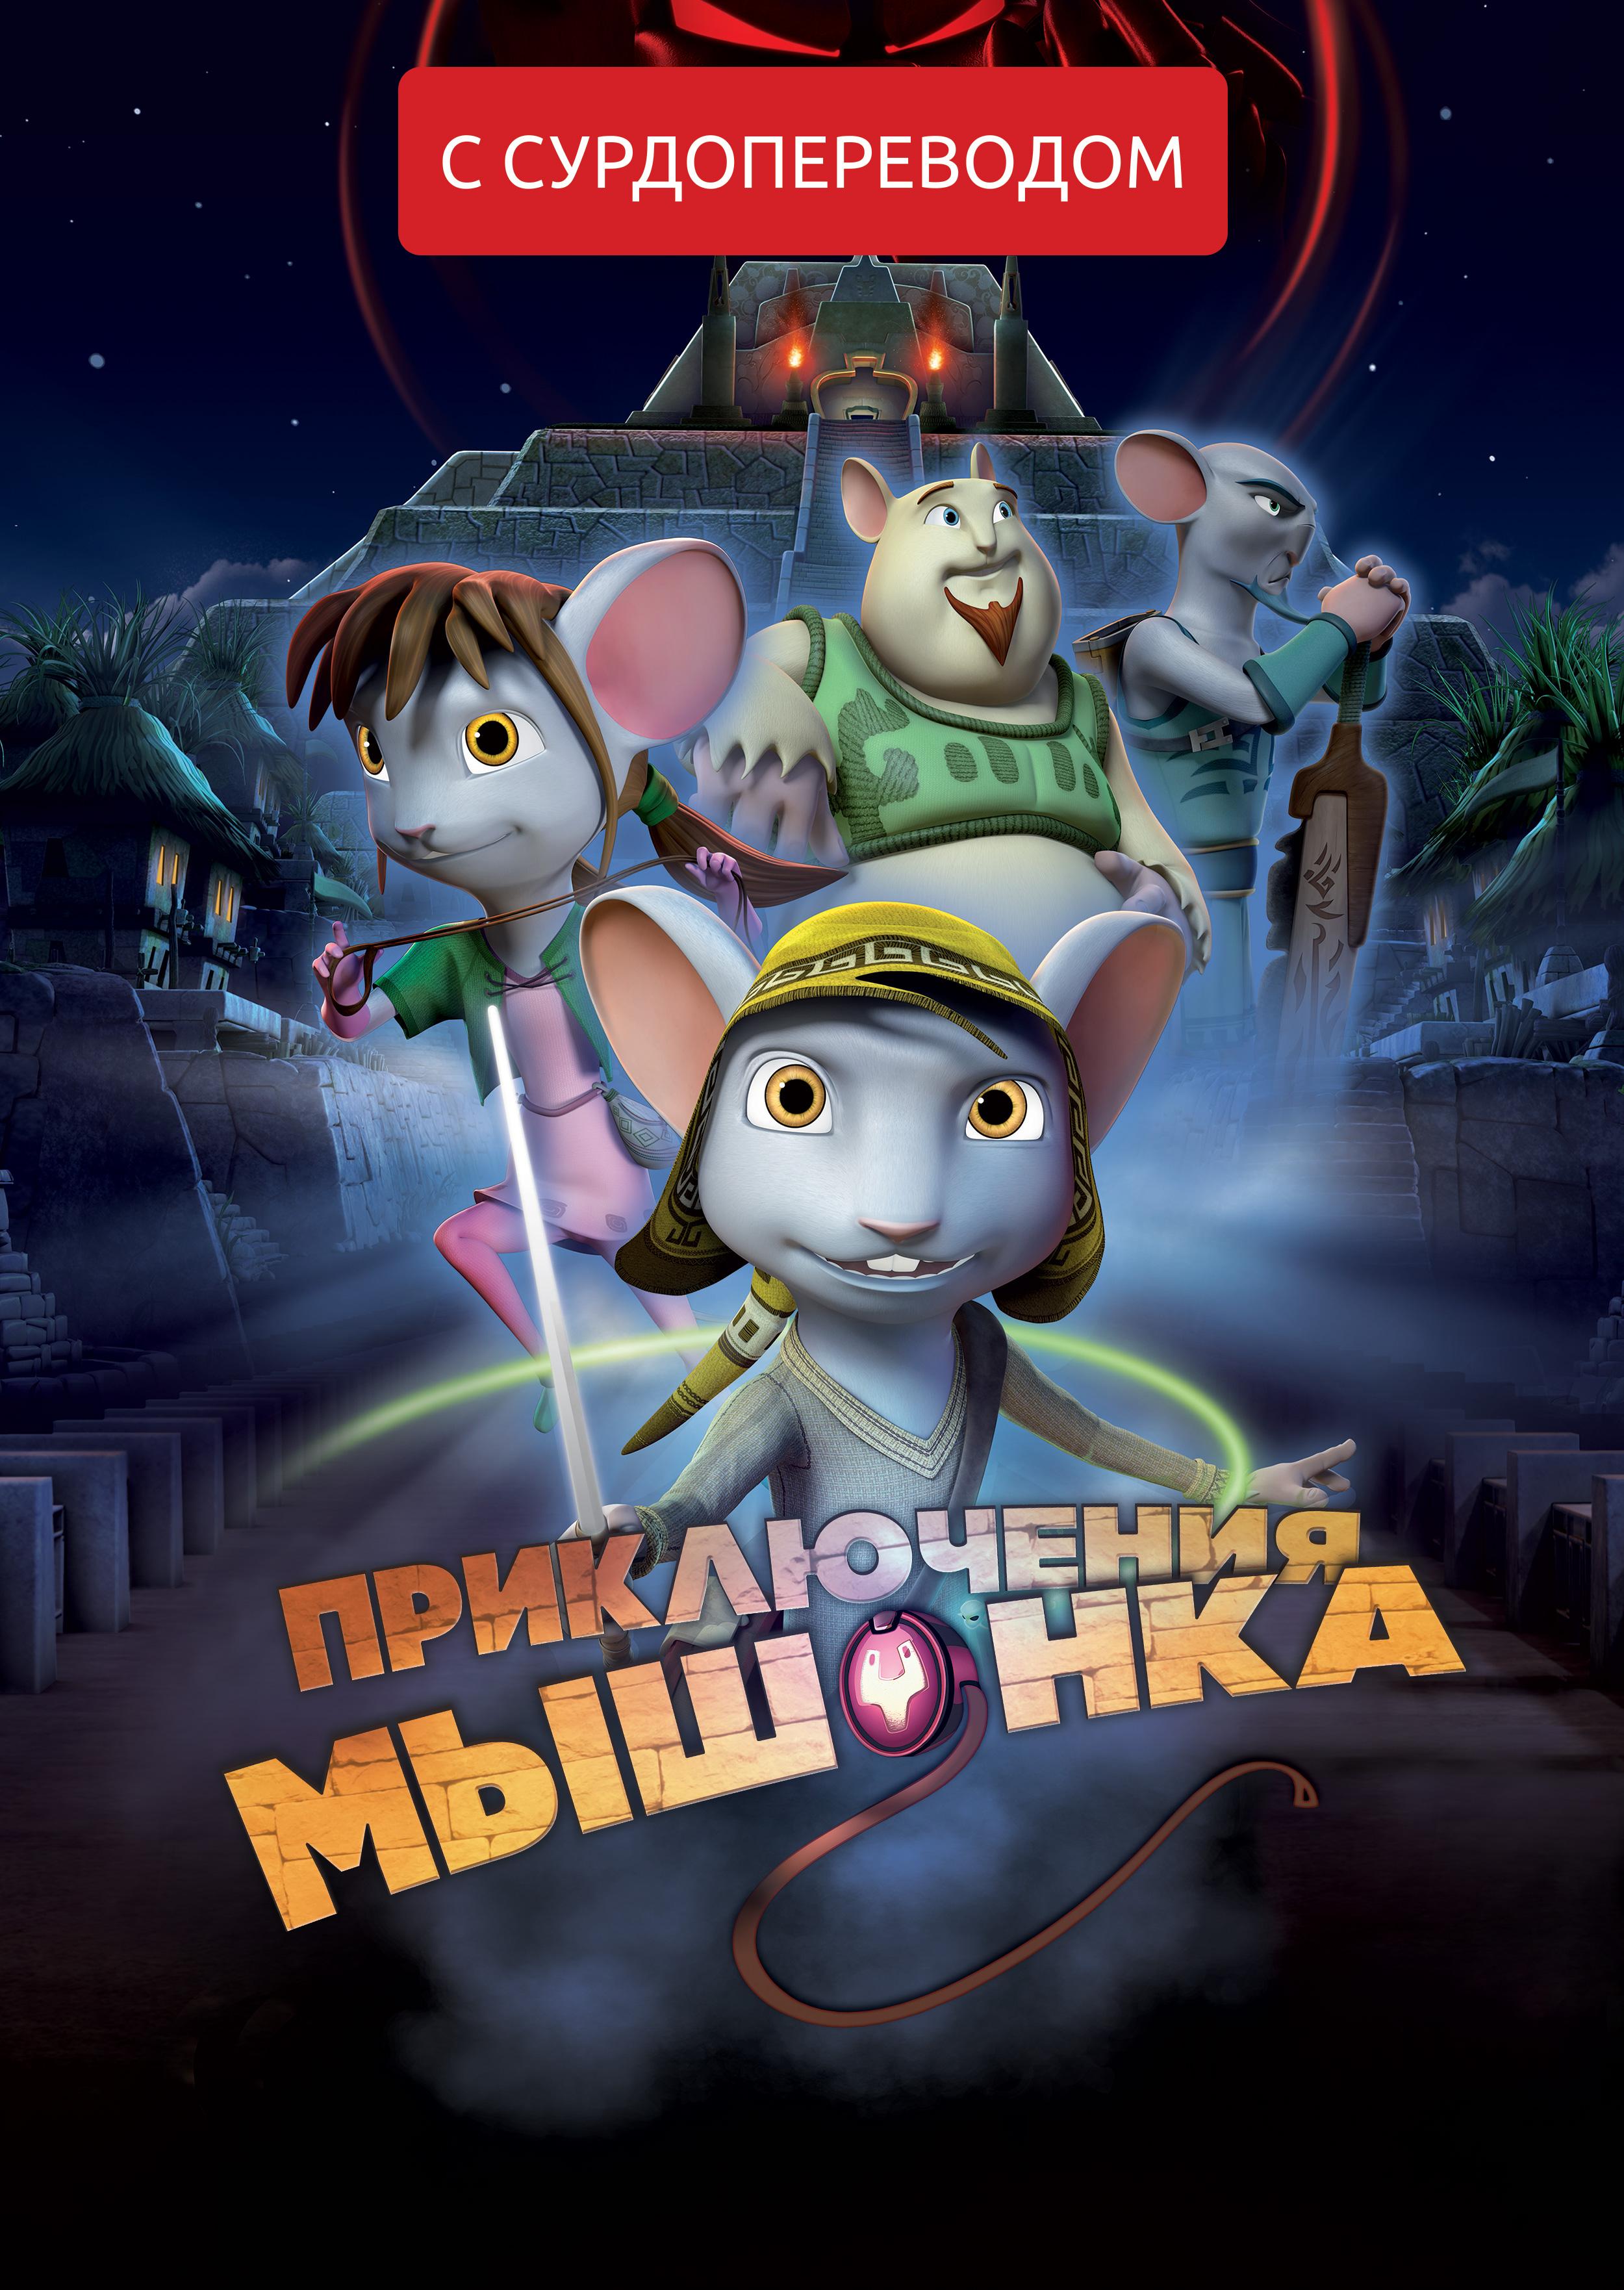 Приключения мышонка (сурдоперевод)